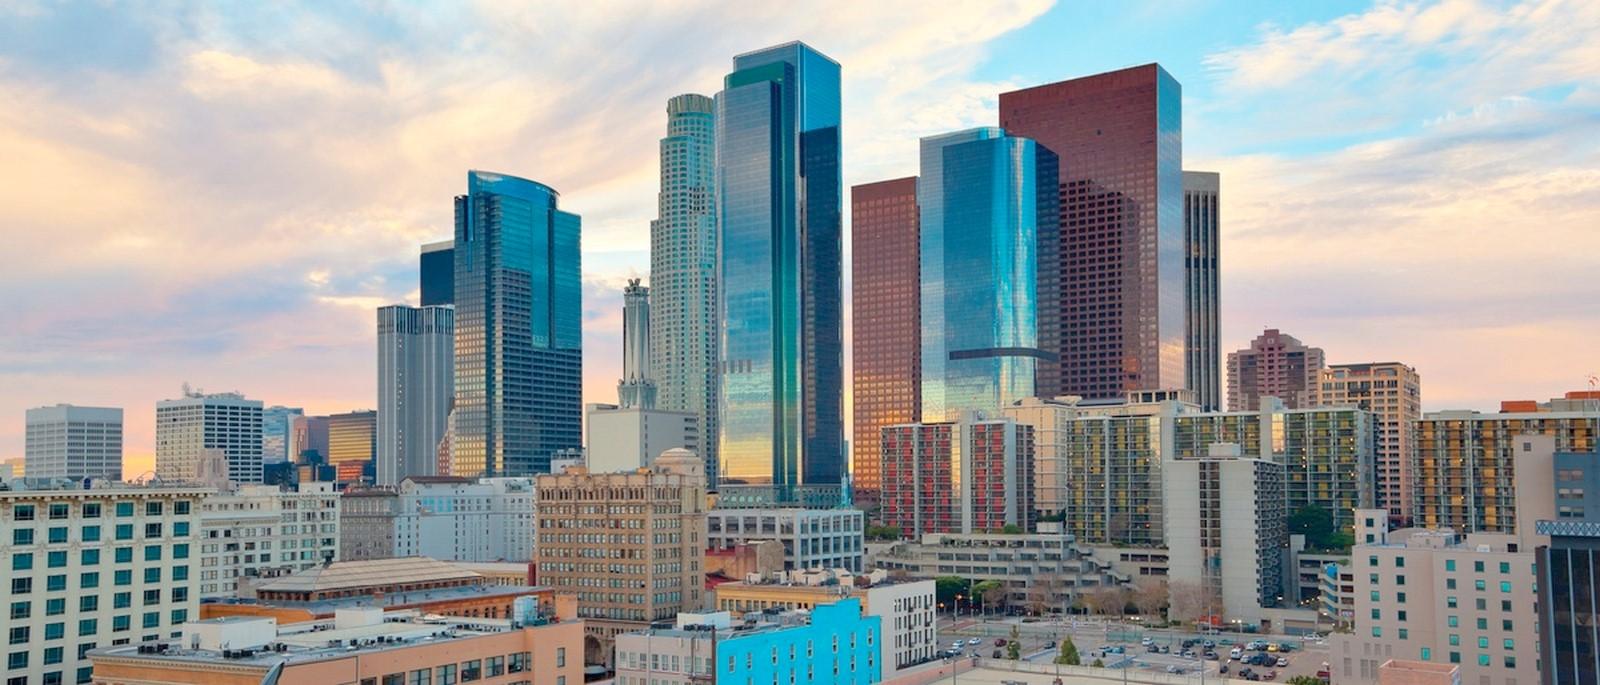 15 Tallest buildings in Los Angeles - sheet16